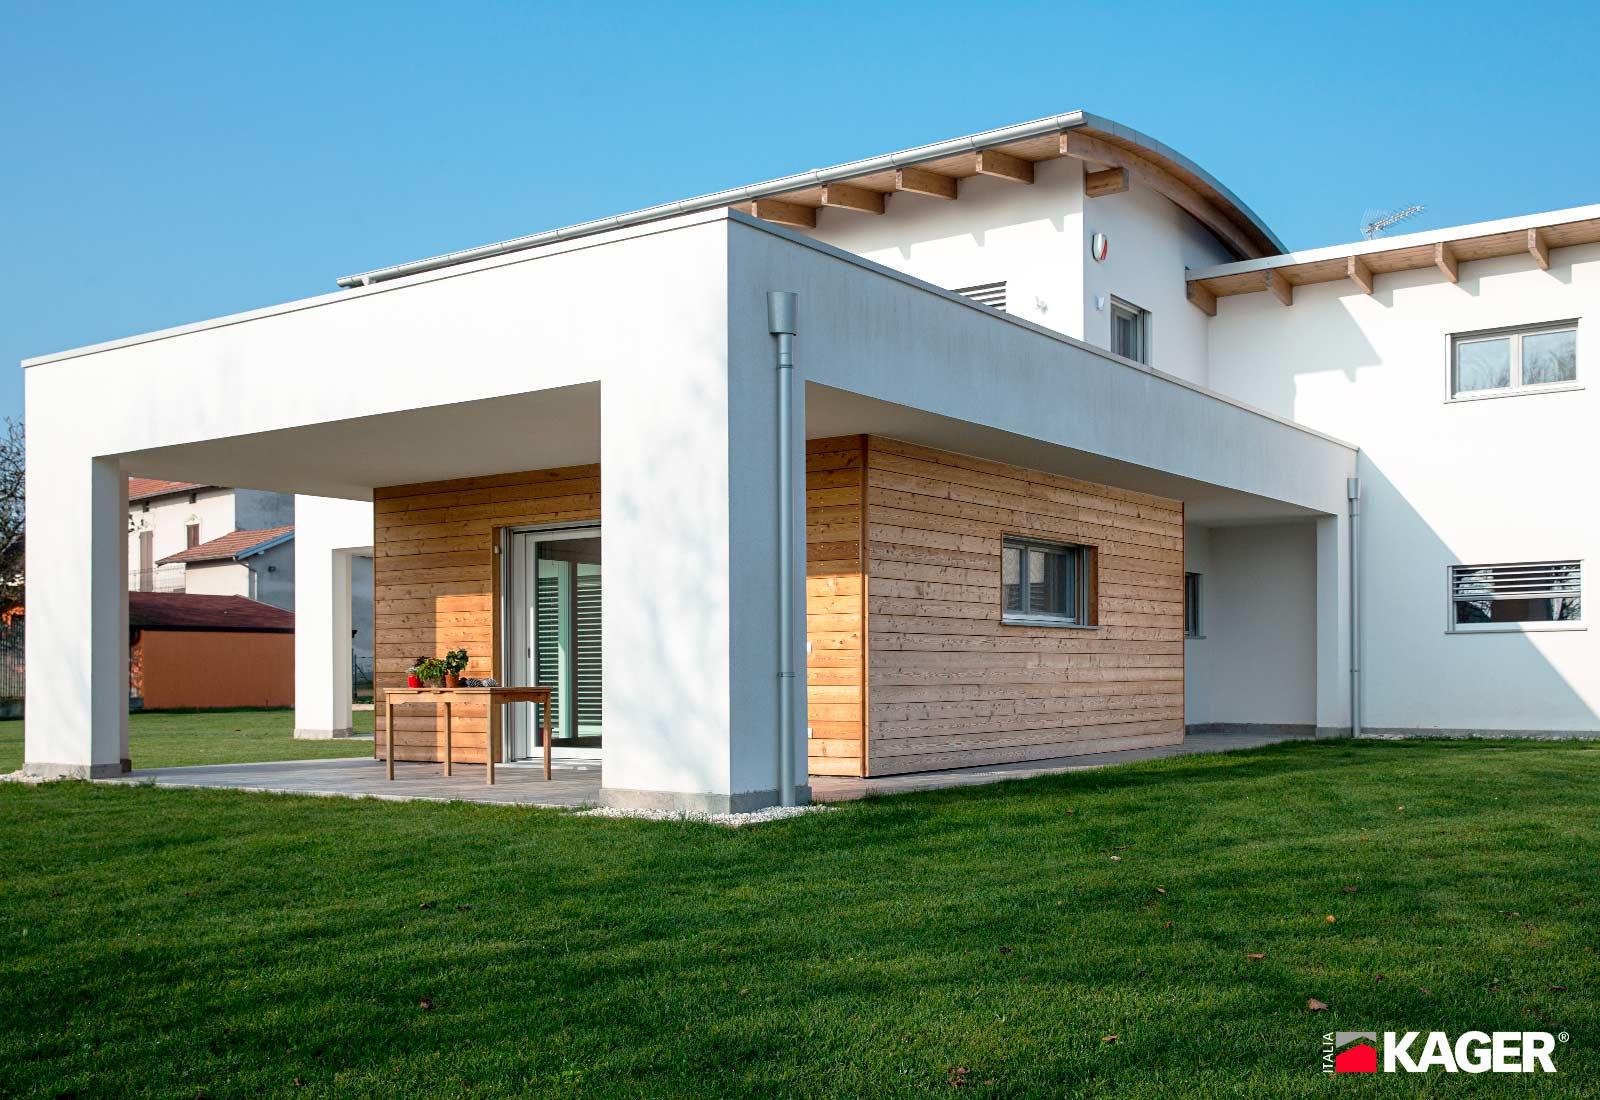 Casa-in-legno-Brebbia-Kager-Italia-03